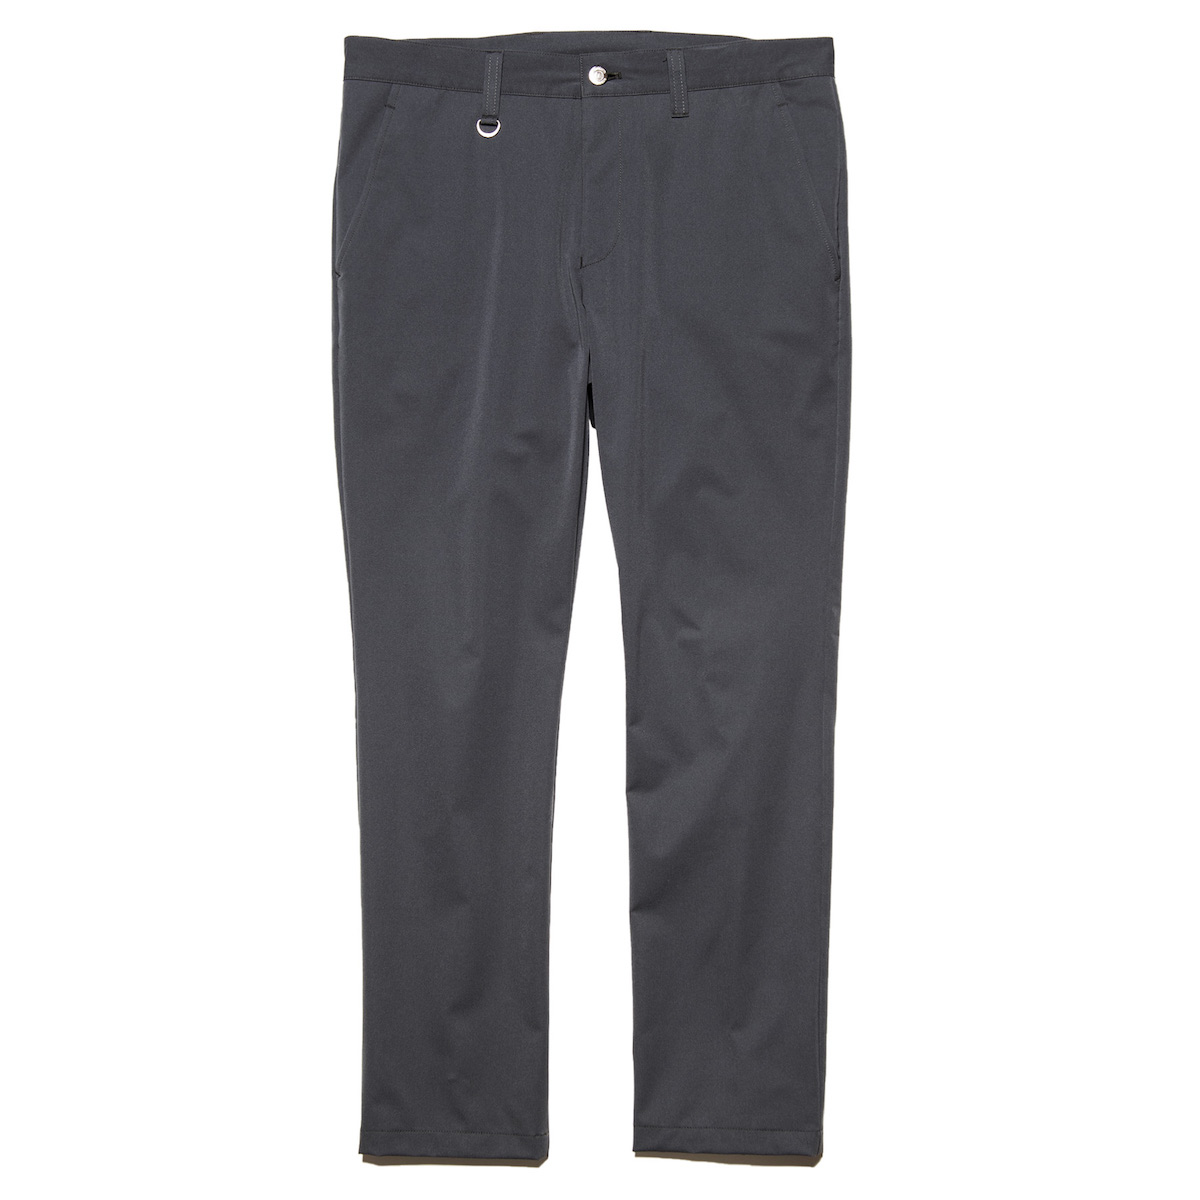 uniform experiment / BACK ZIP PANTS -Gray